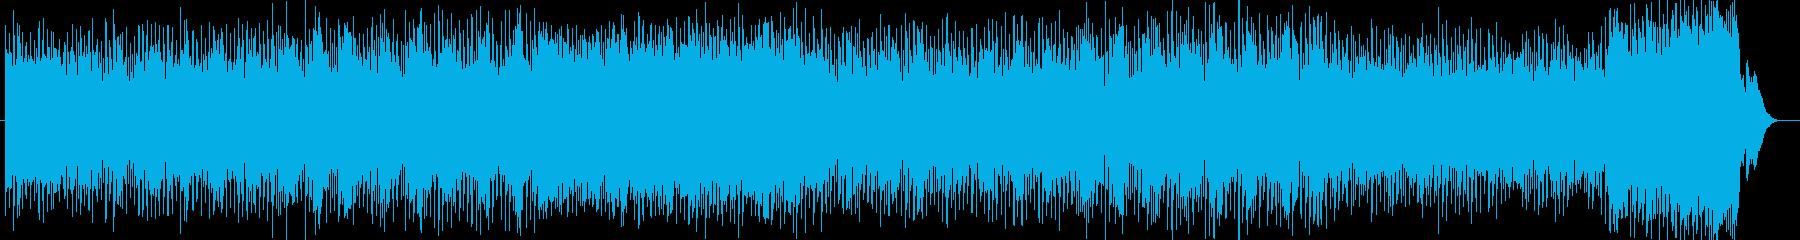 ポップで軽快なピアノテクノポップの再生済みの波形